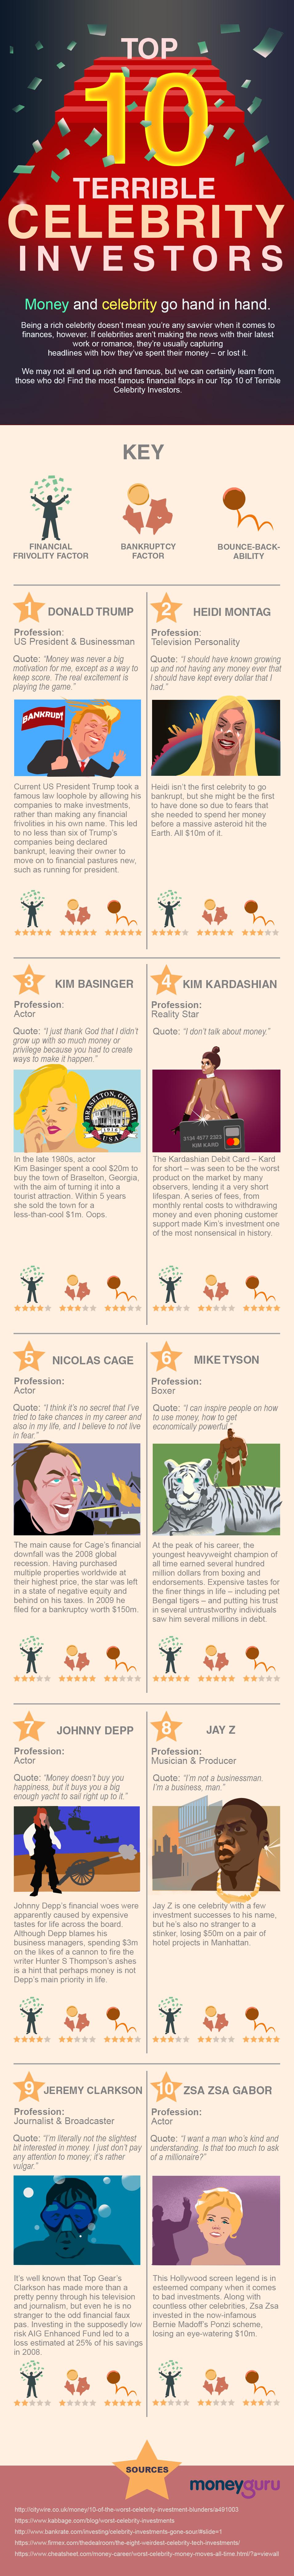 Top 10 Terrible Celebrity Investors by MoneyGuru